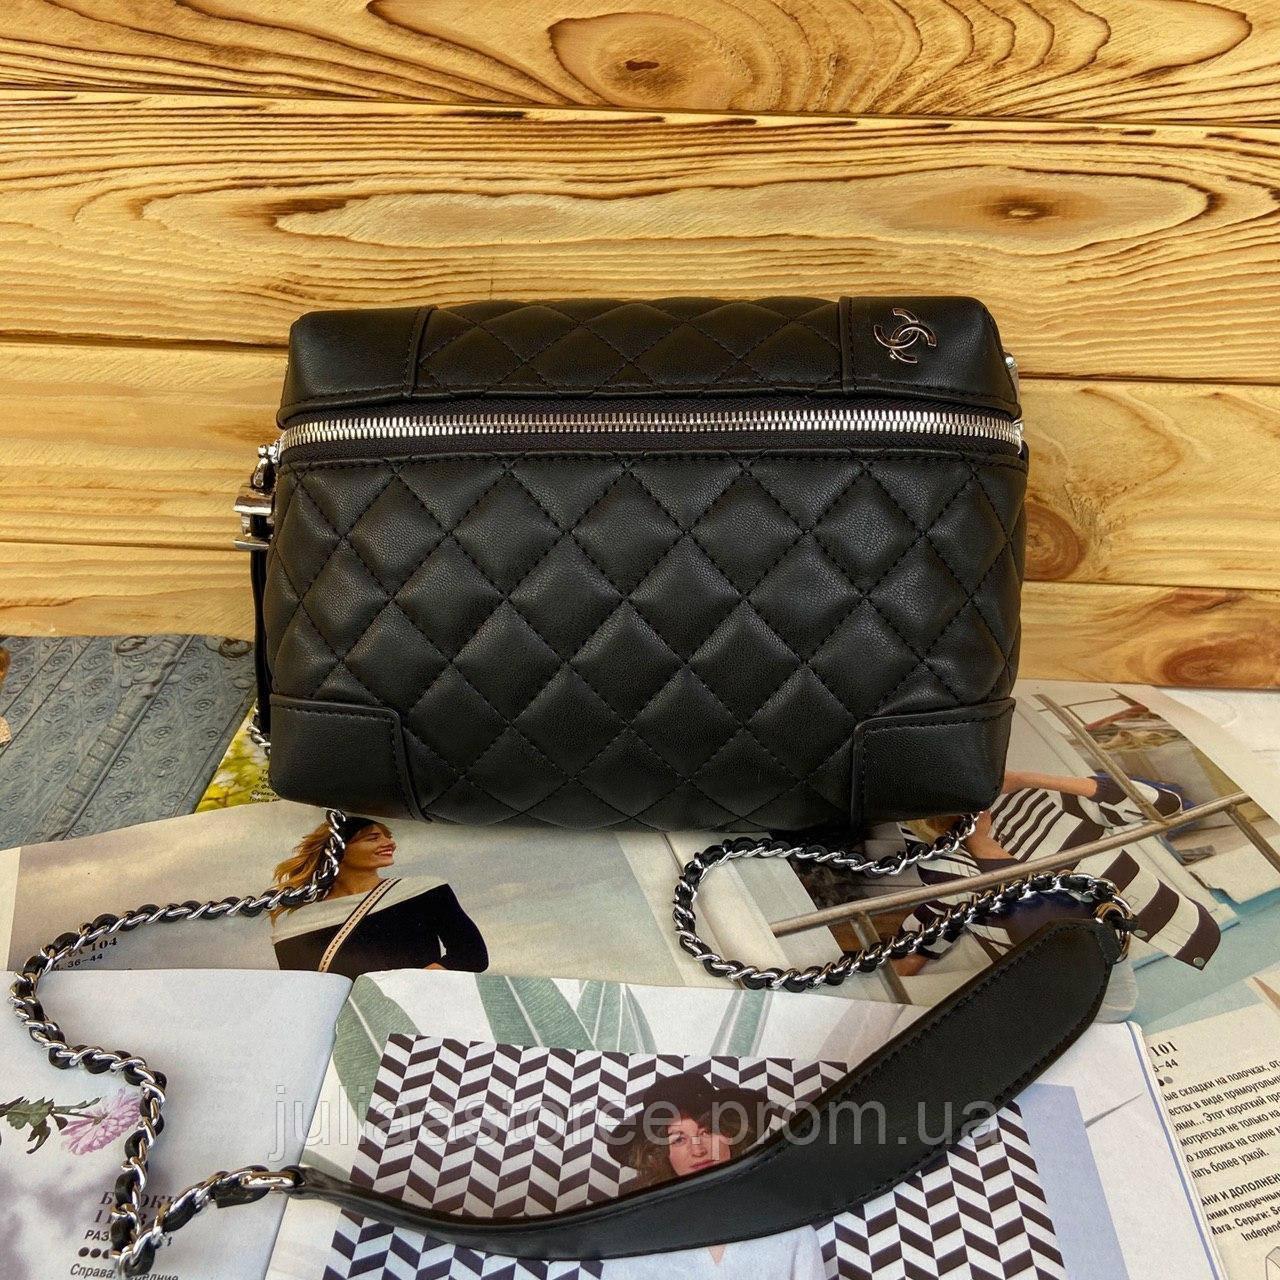 Женская сумка на цепочке через плечо Chanel Шанель реплика 2